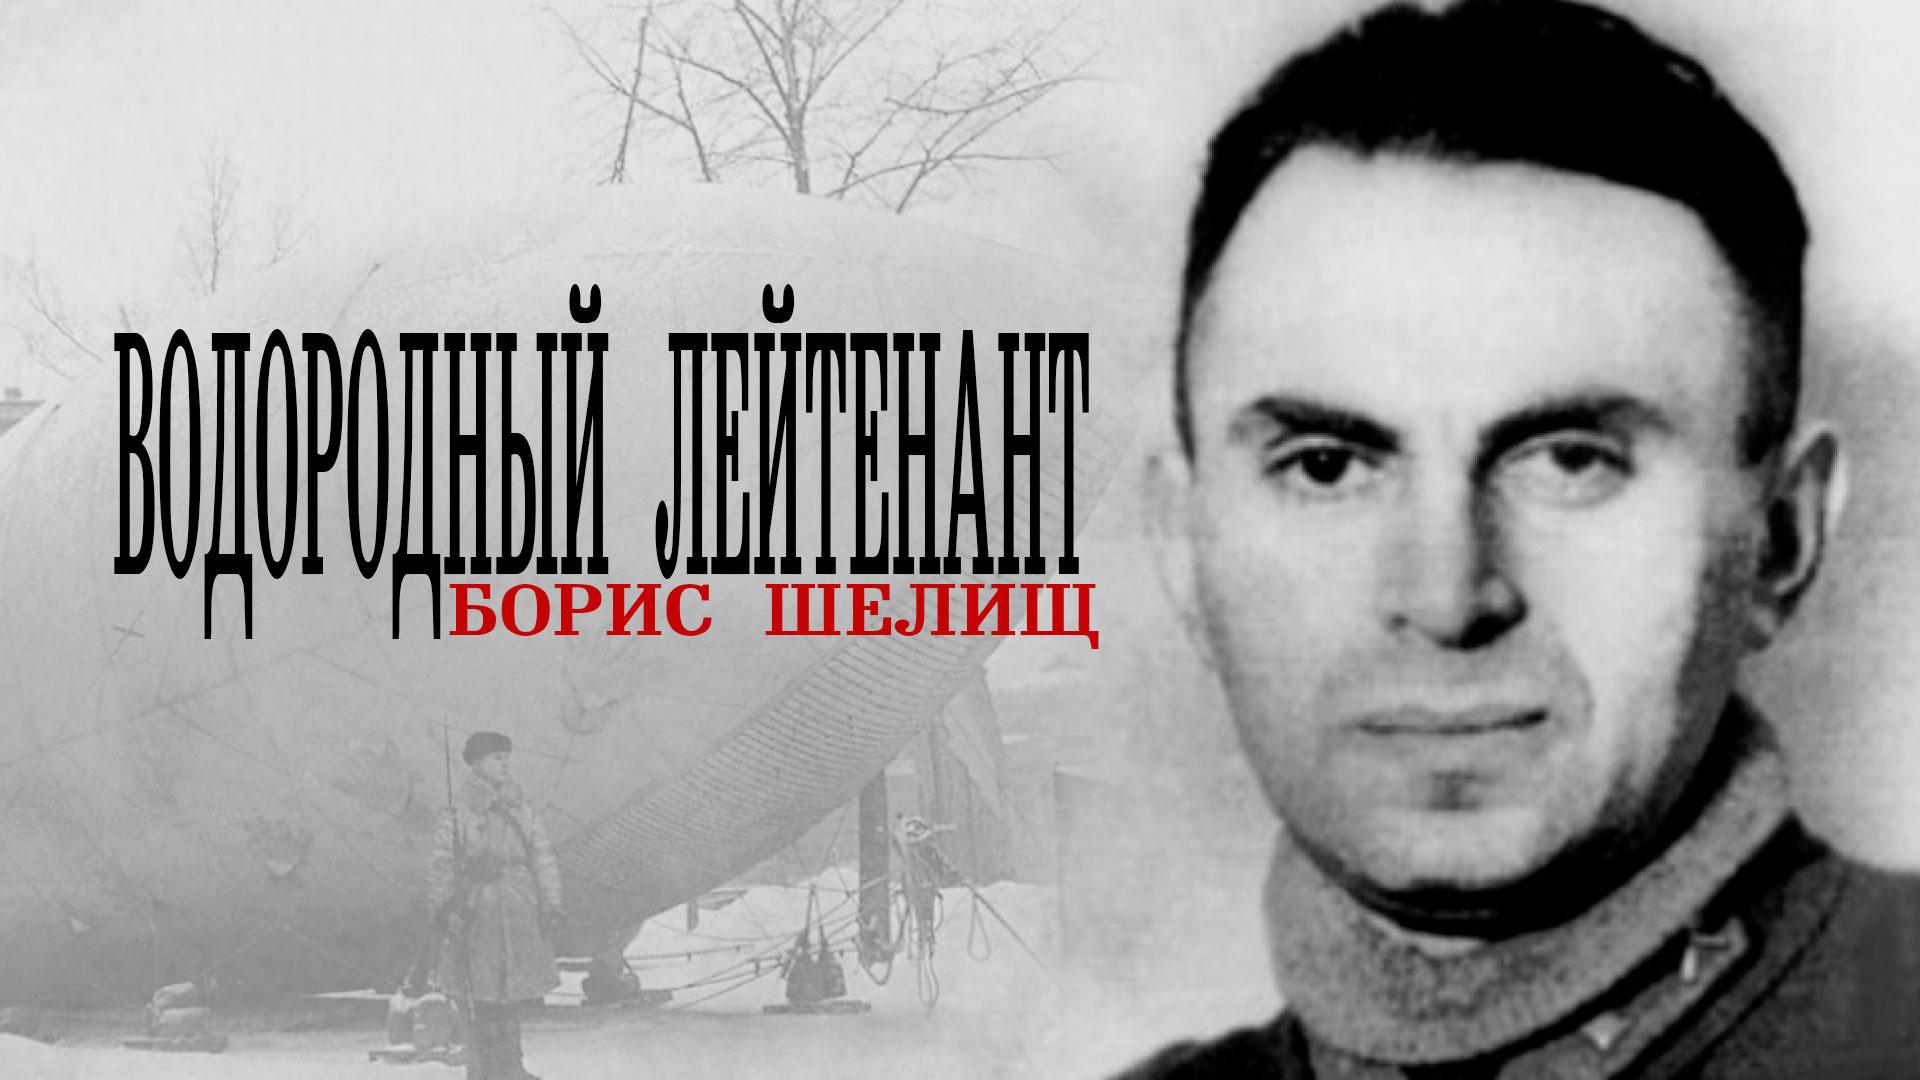 Водородный лейтенант. Борис Шелищ